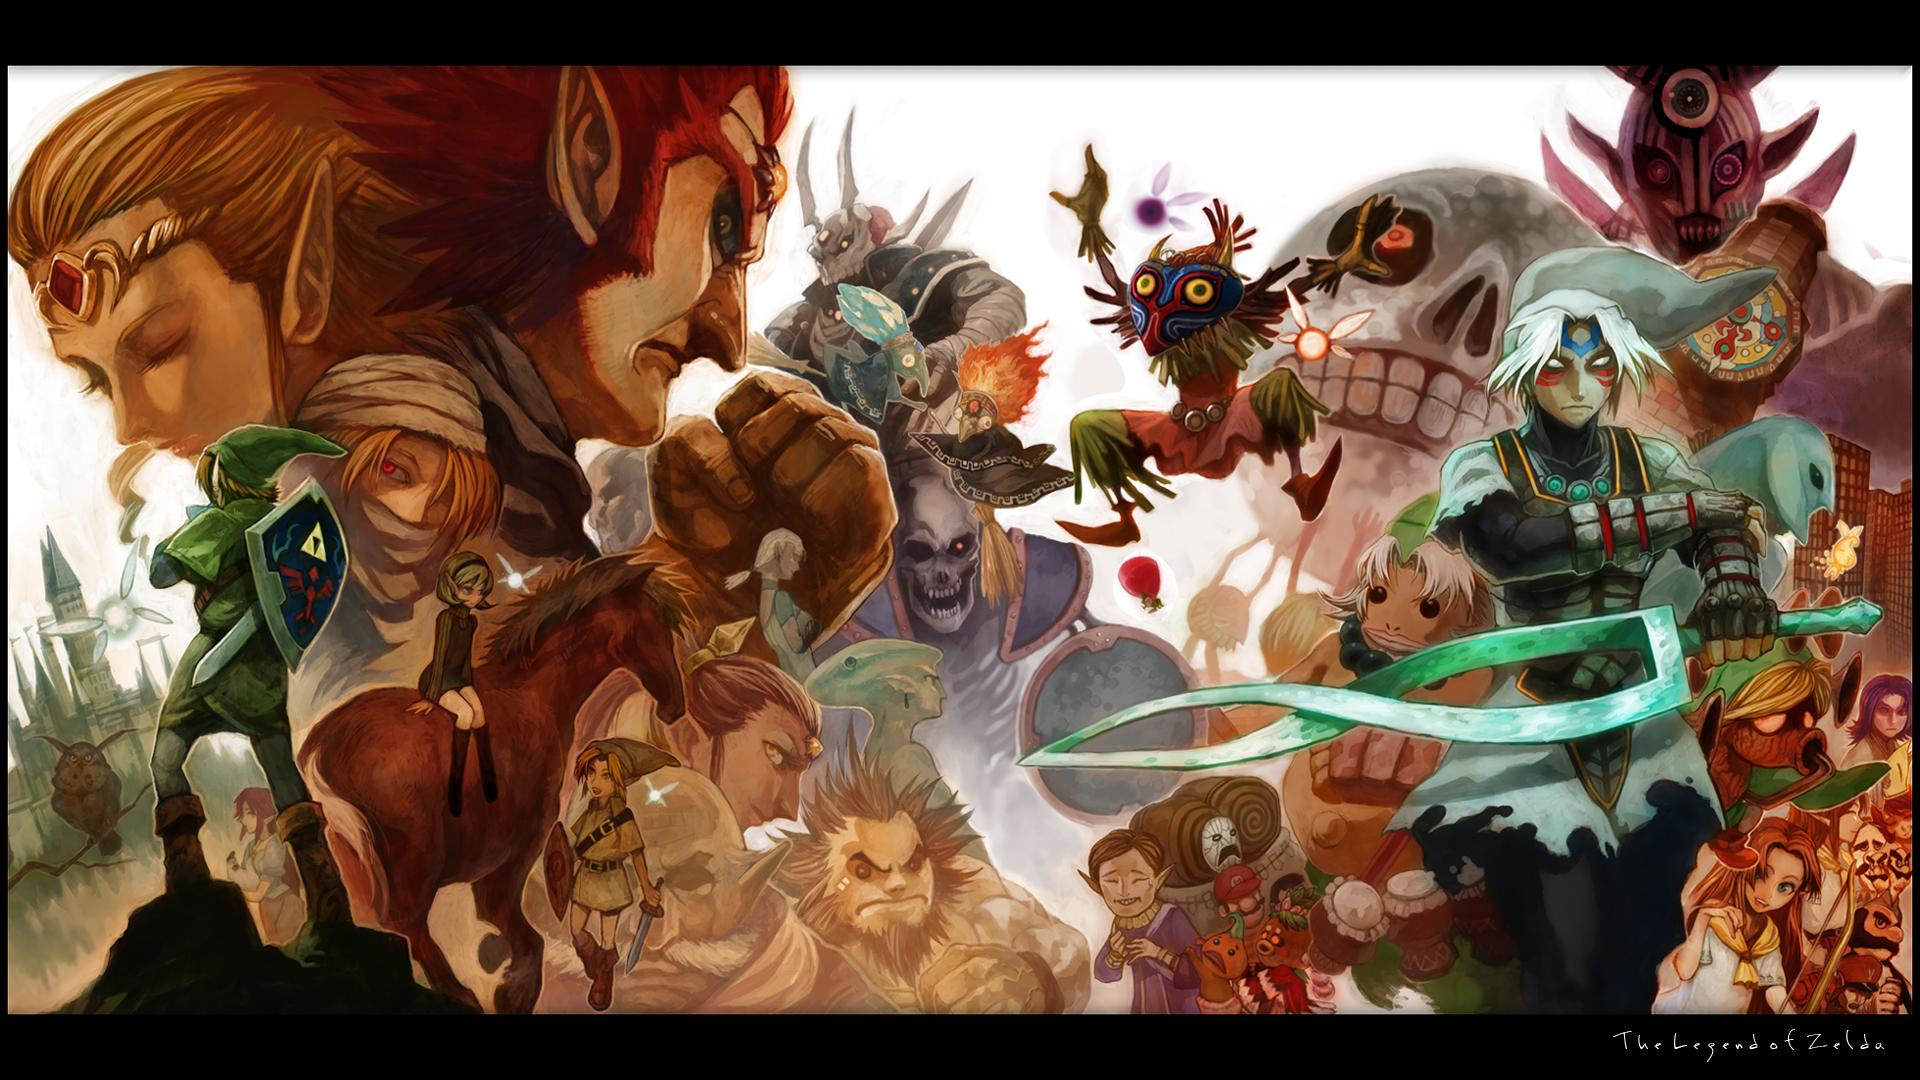 [Imagen: Zelda.no.Densetsu.full.247606.jpg]